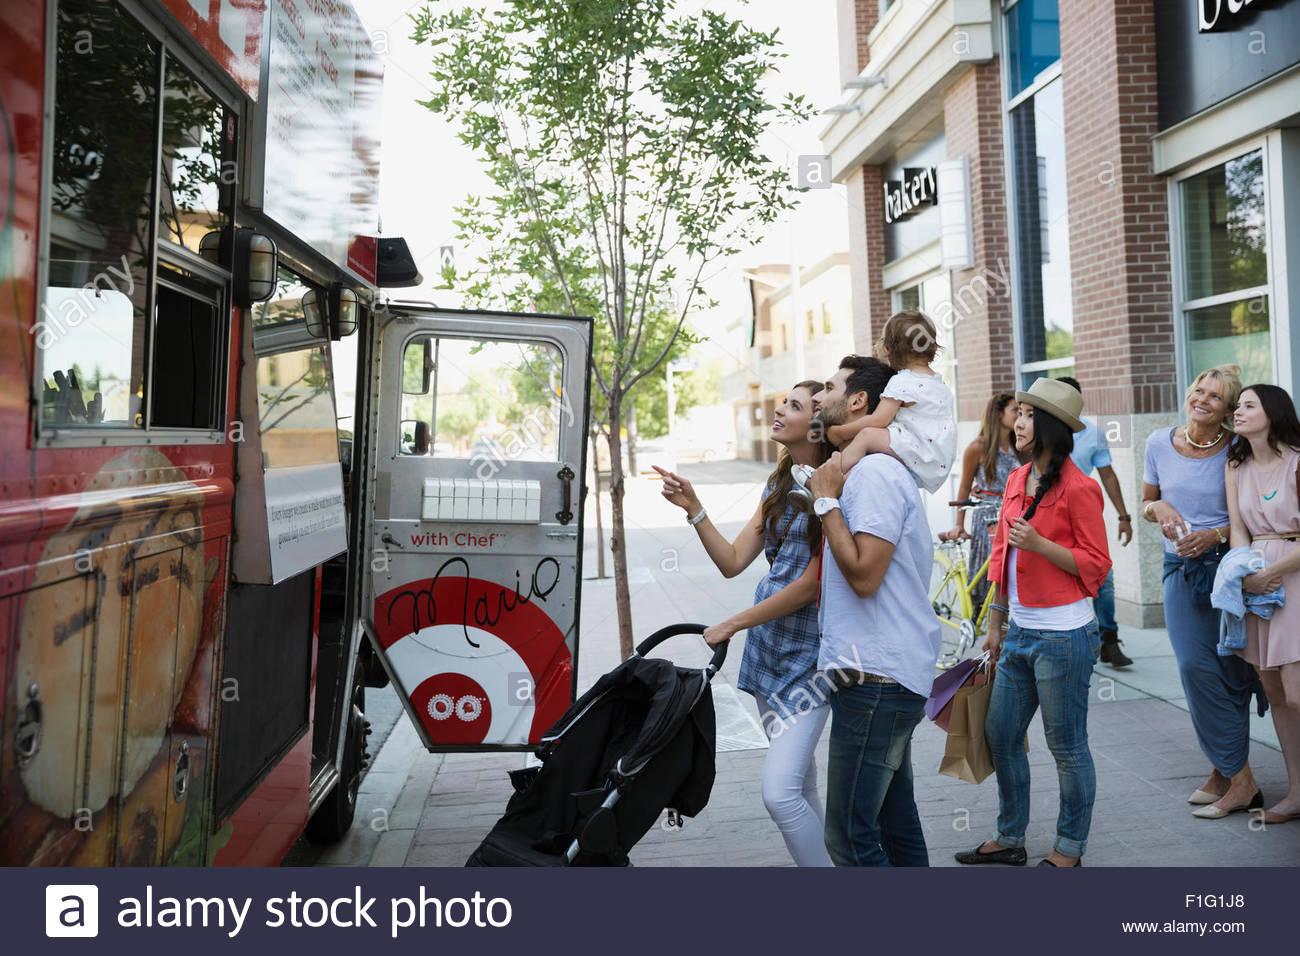 Kunden außerhalb Imbisswagen auf Bürgersteig Stockfoto